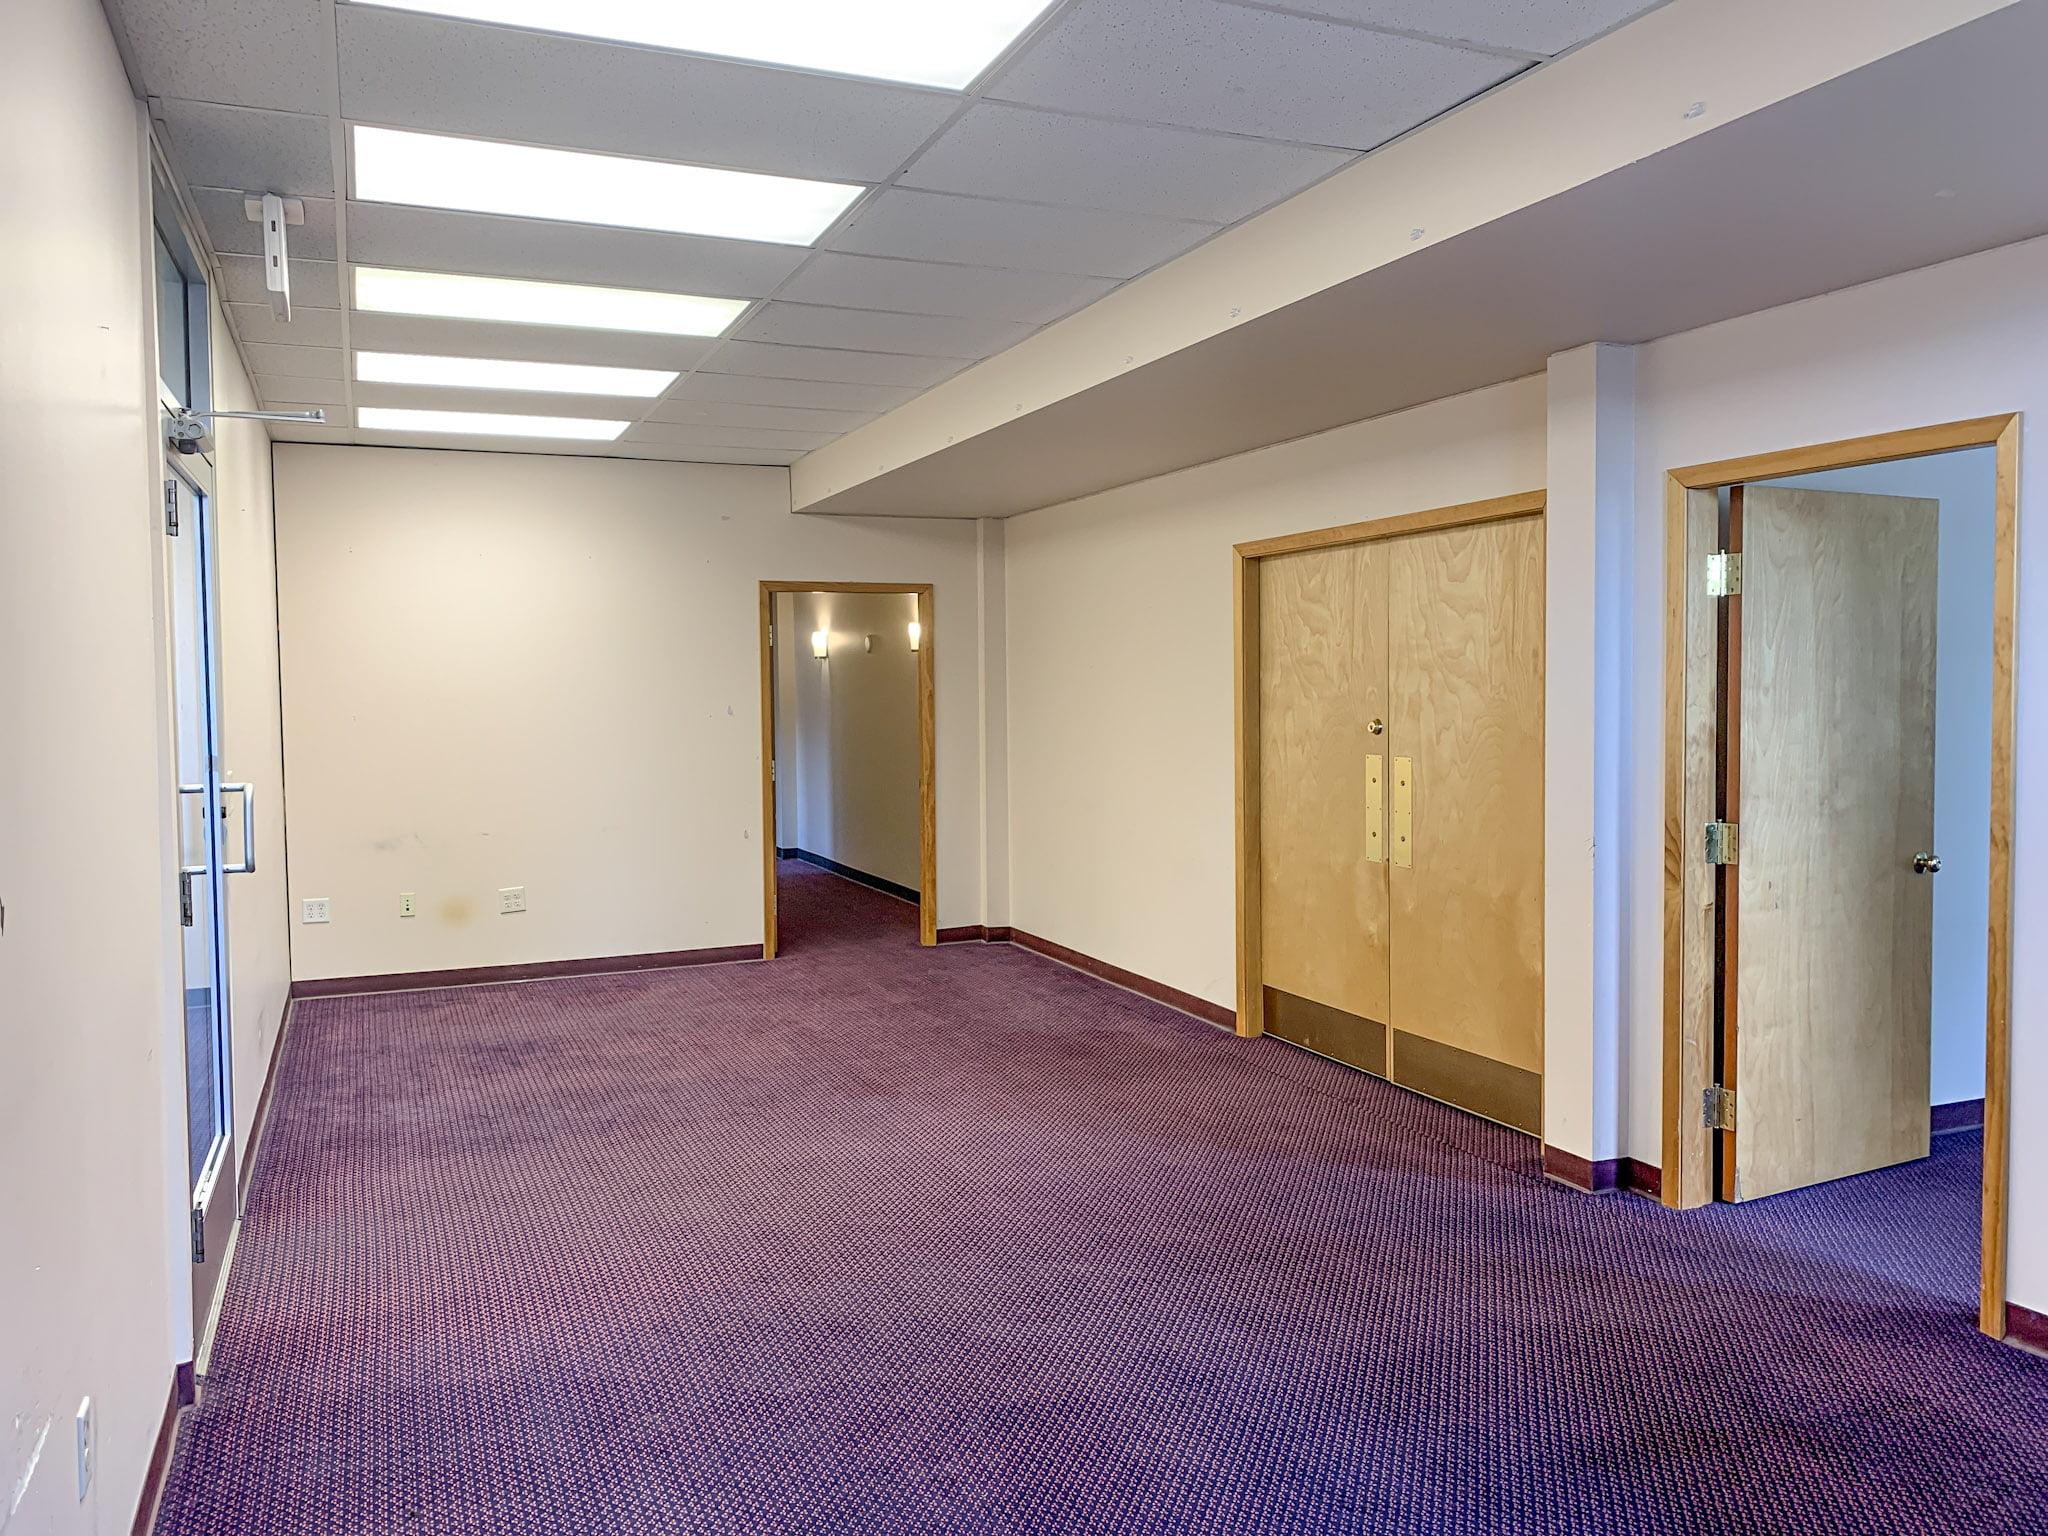 921 W 6th Ave - interior 17